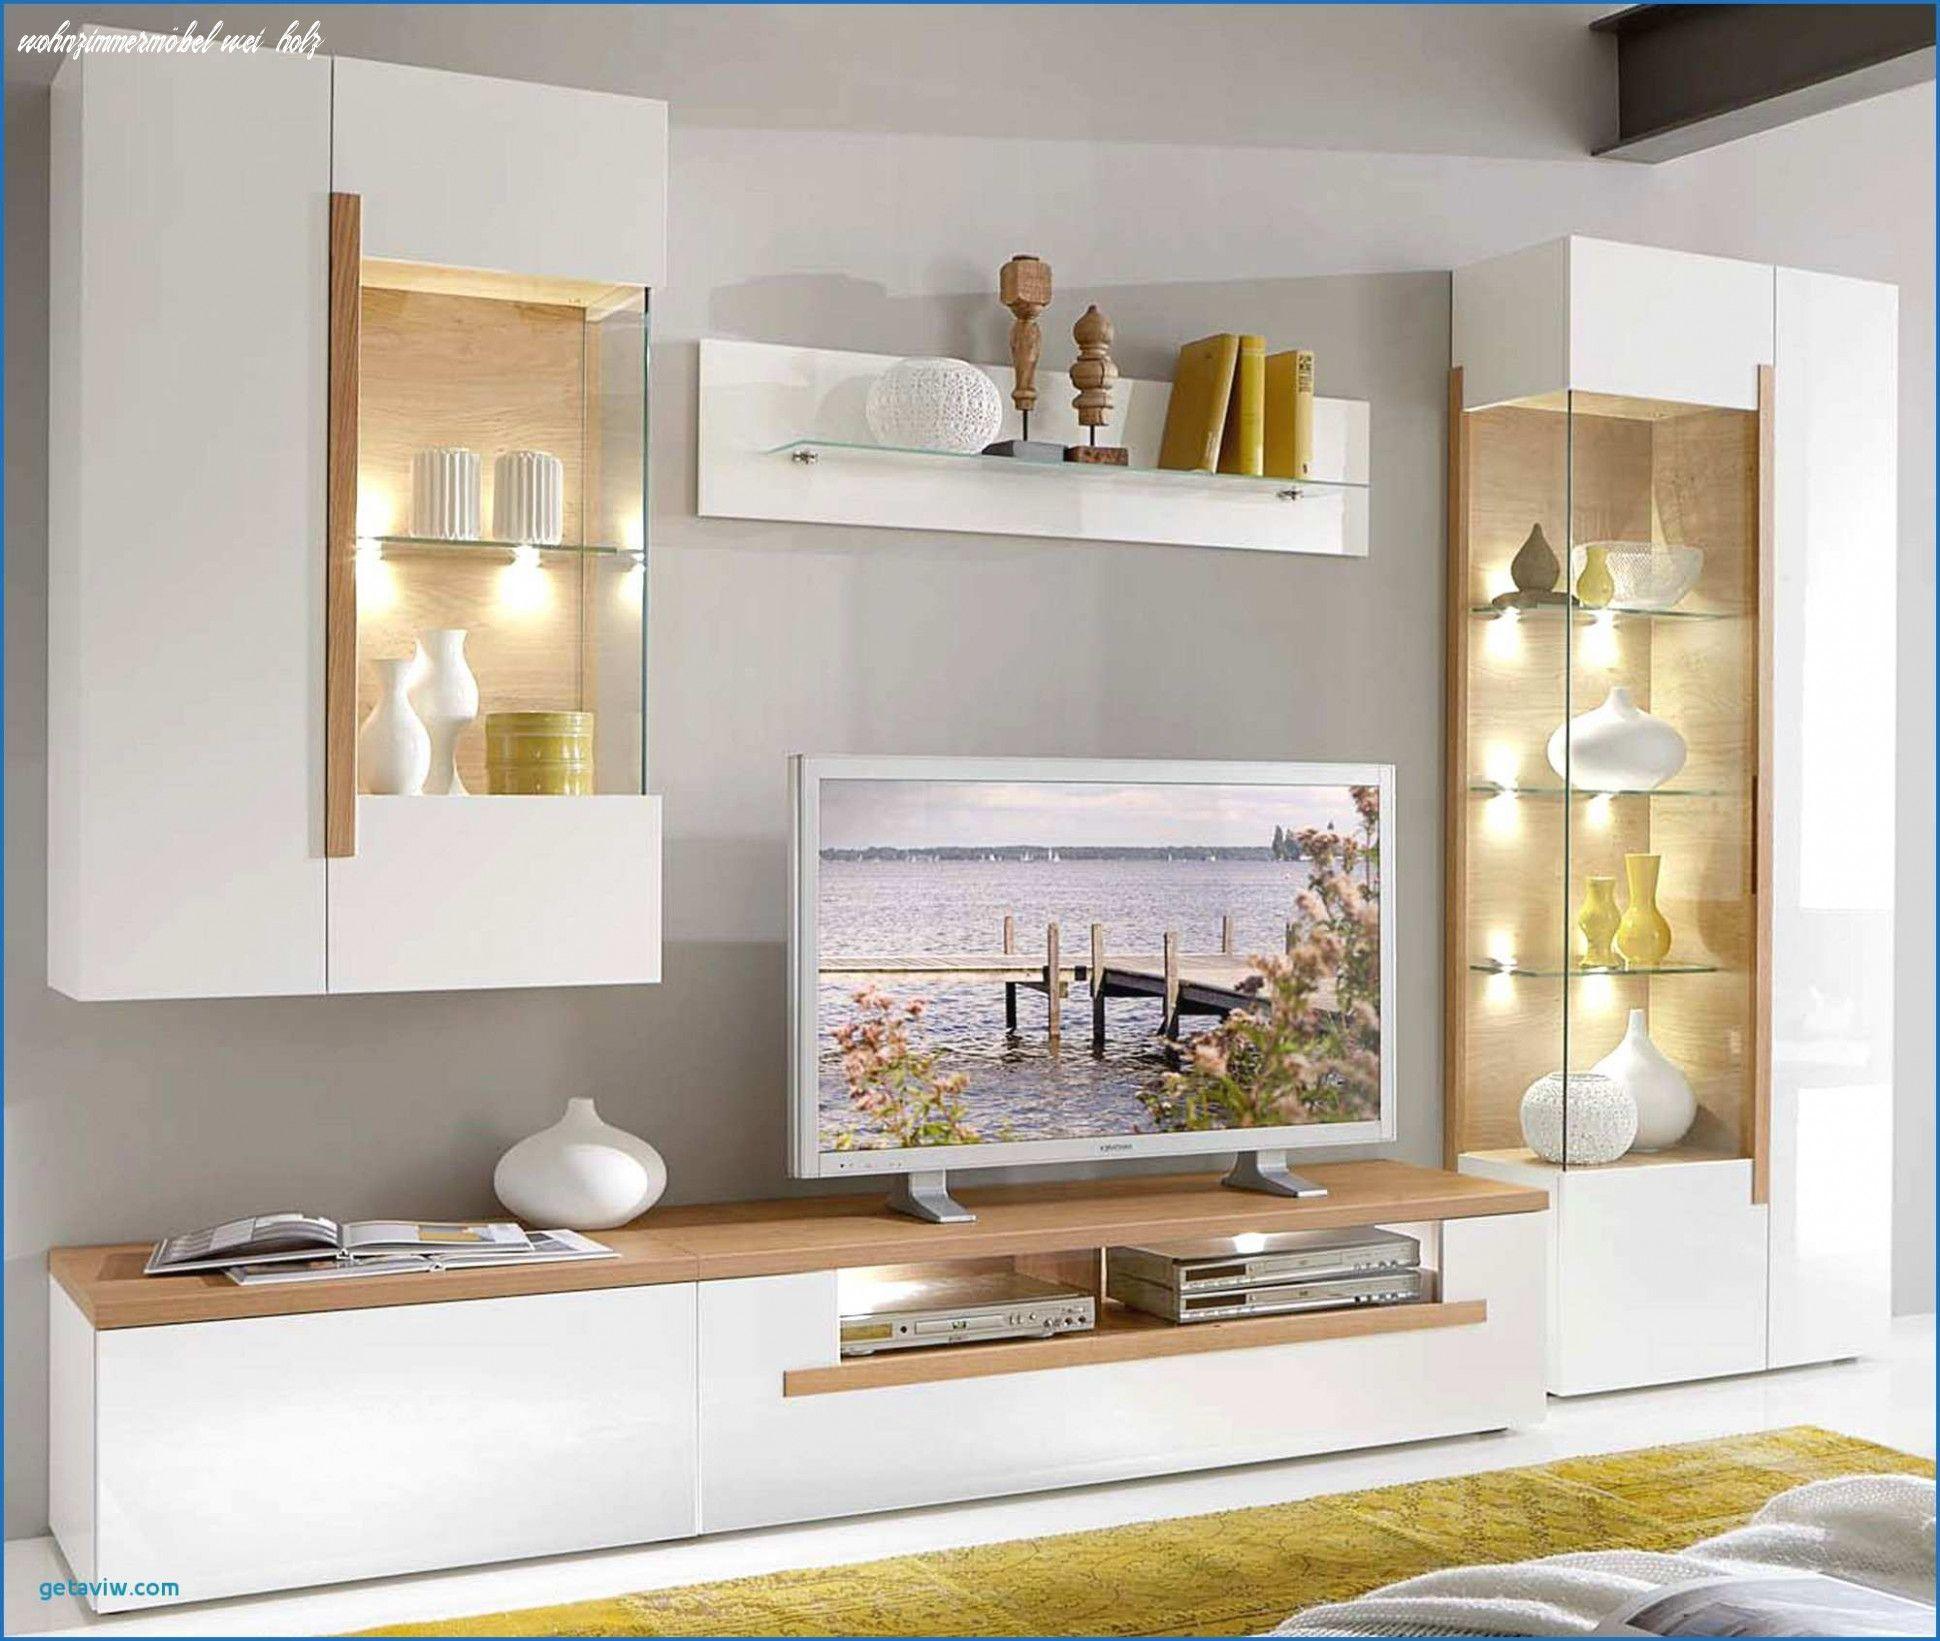 8 Unerwartete Wege Wohnzimmermöbel Weiß Holz Kann Ihr Leben